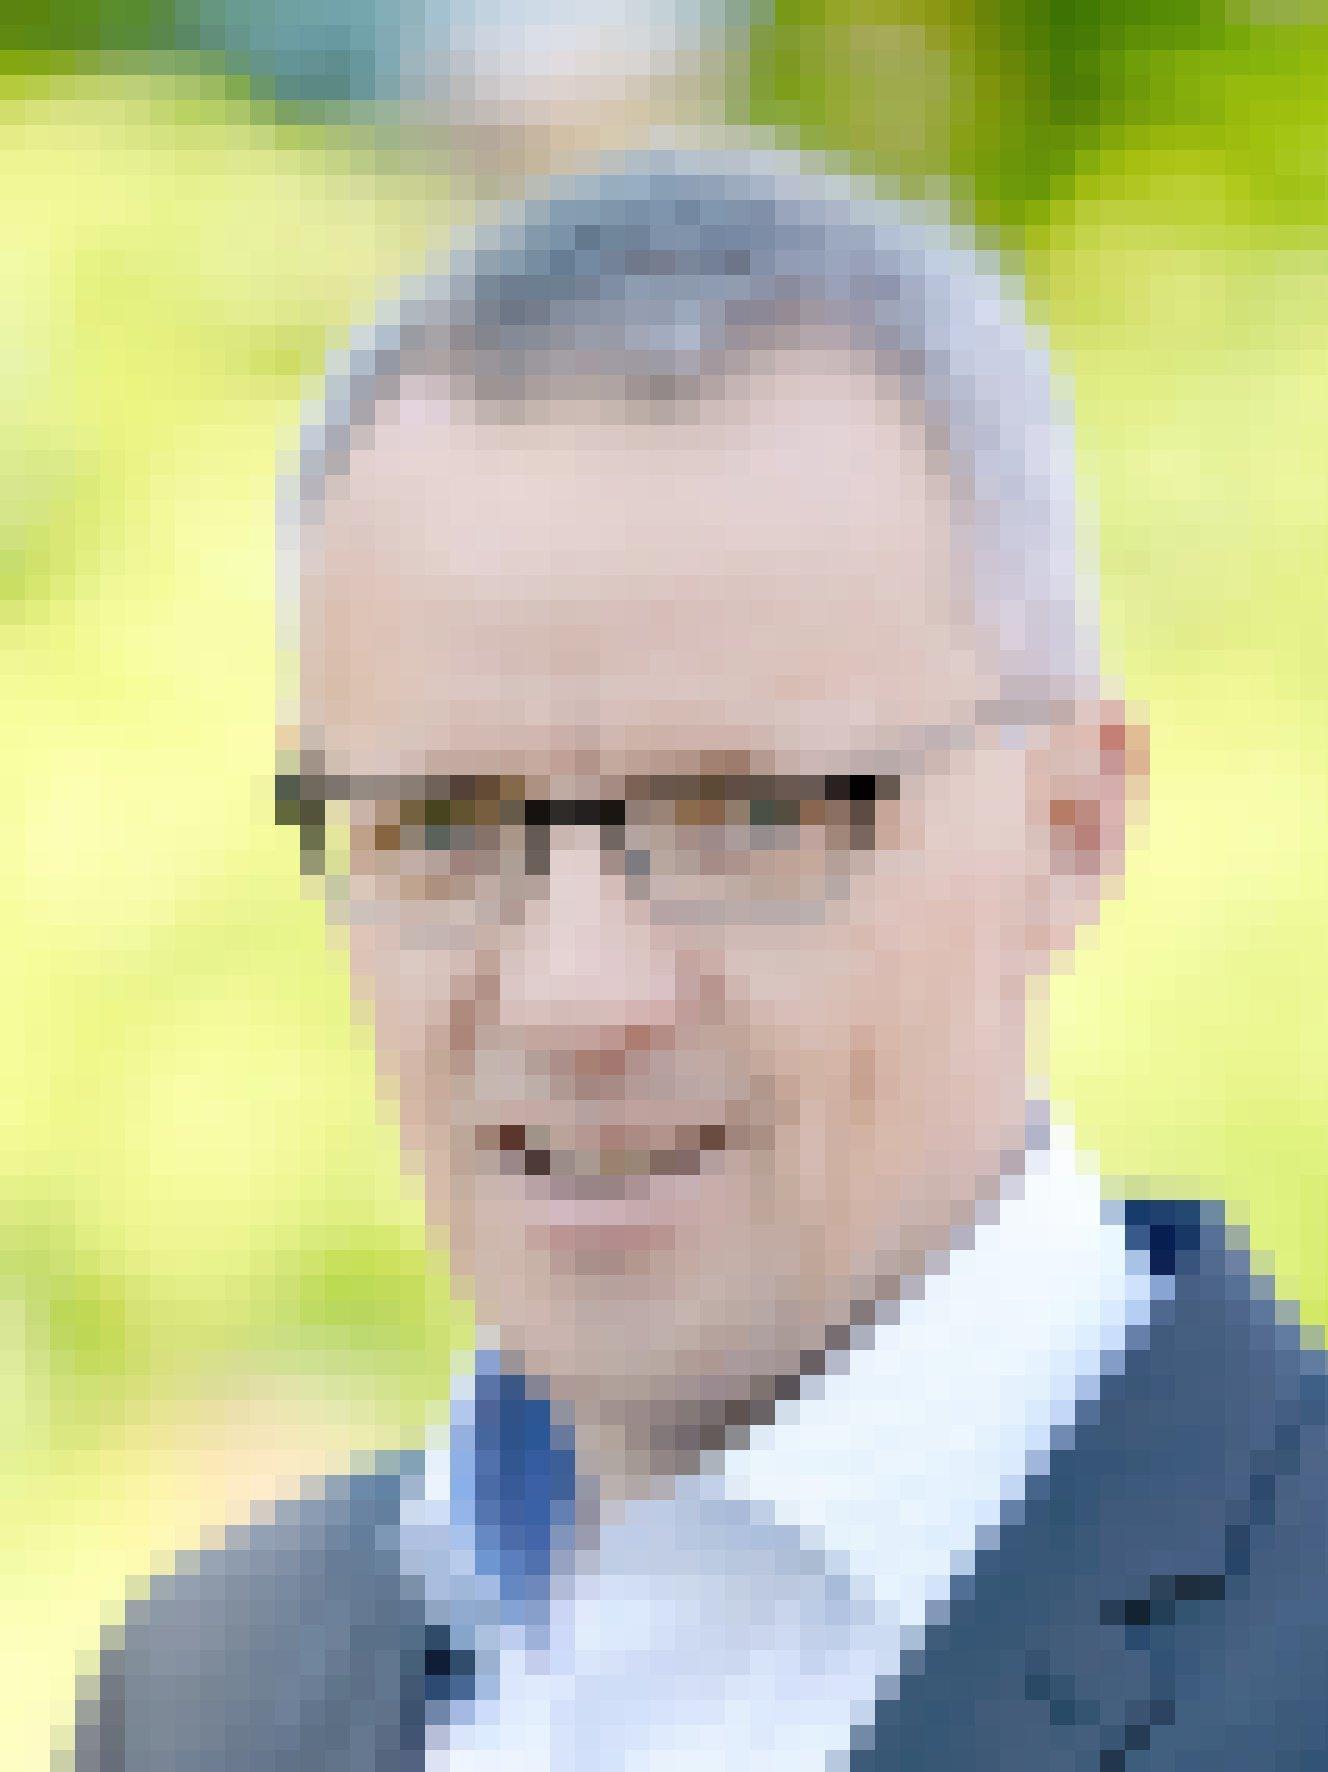 Ein Mann mit kurzen grauen Haaren und Brille schaut in die Kamera.